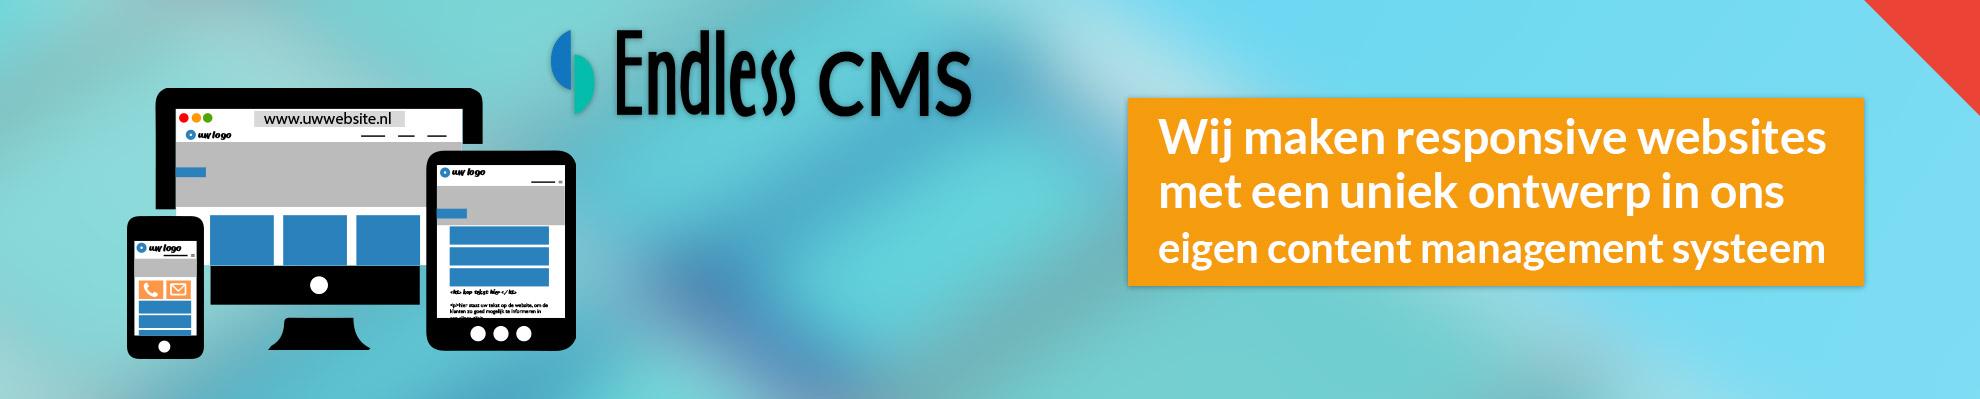 Responsive website met een uniek ontwerp in ons eigen CMS